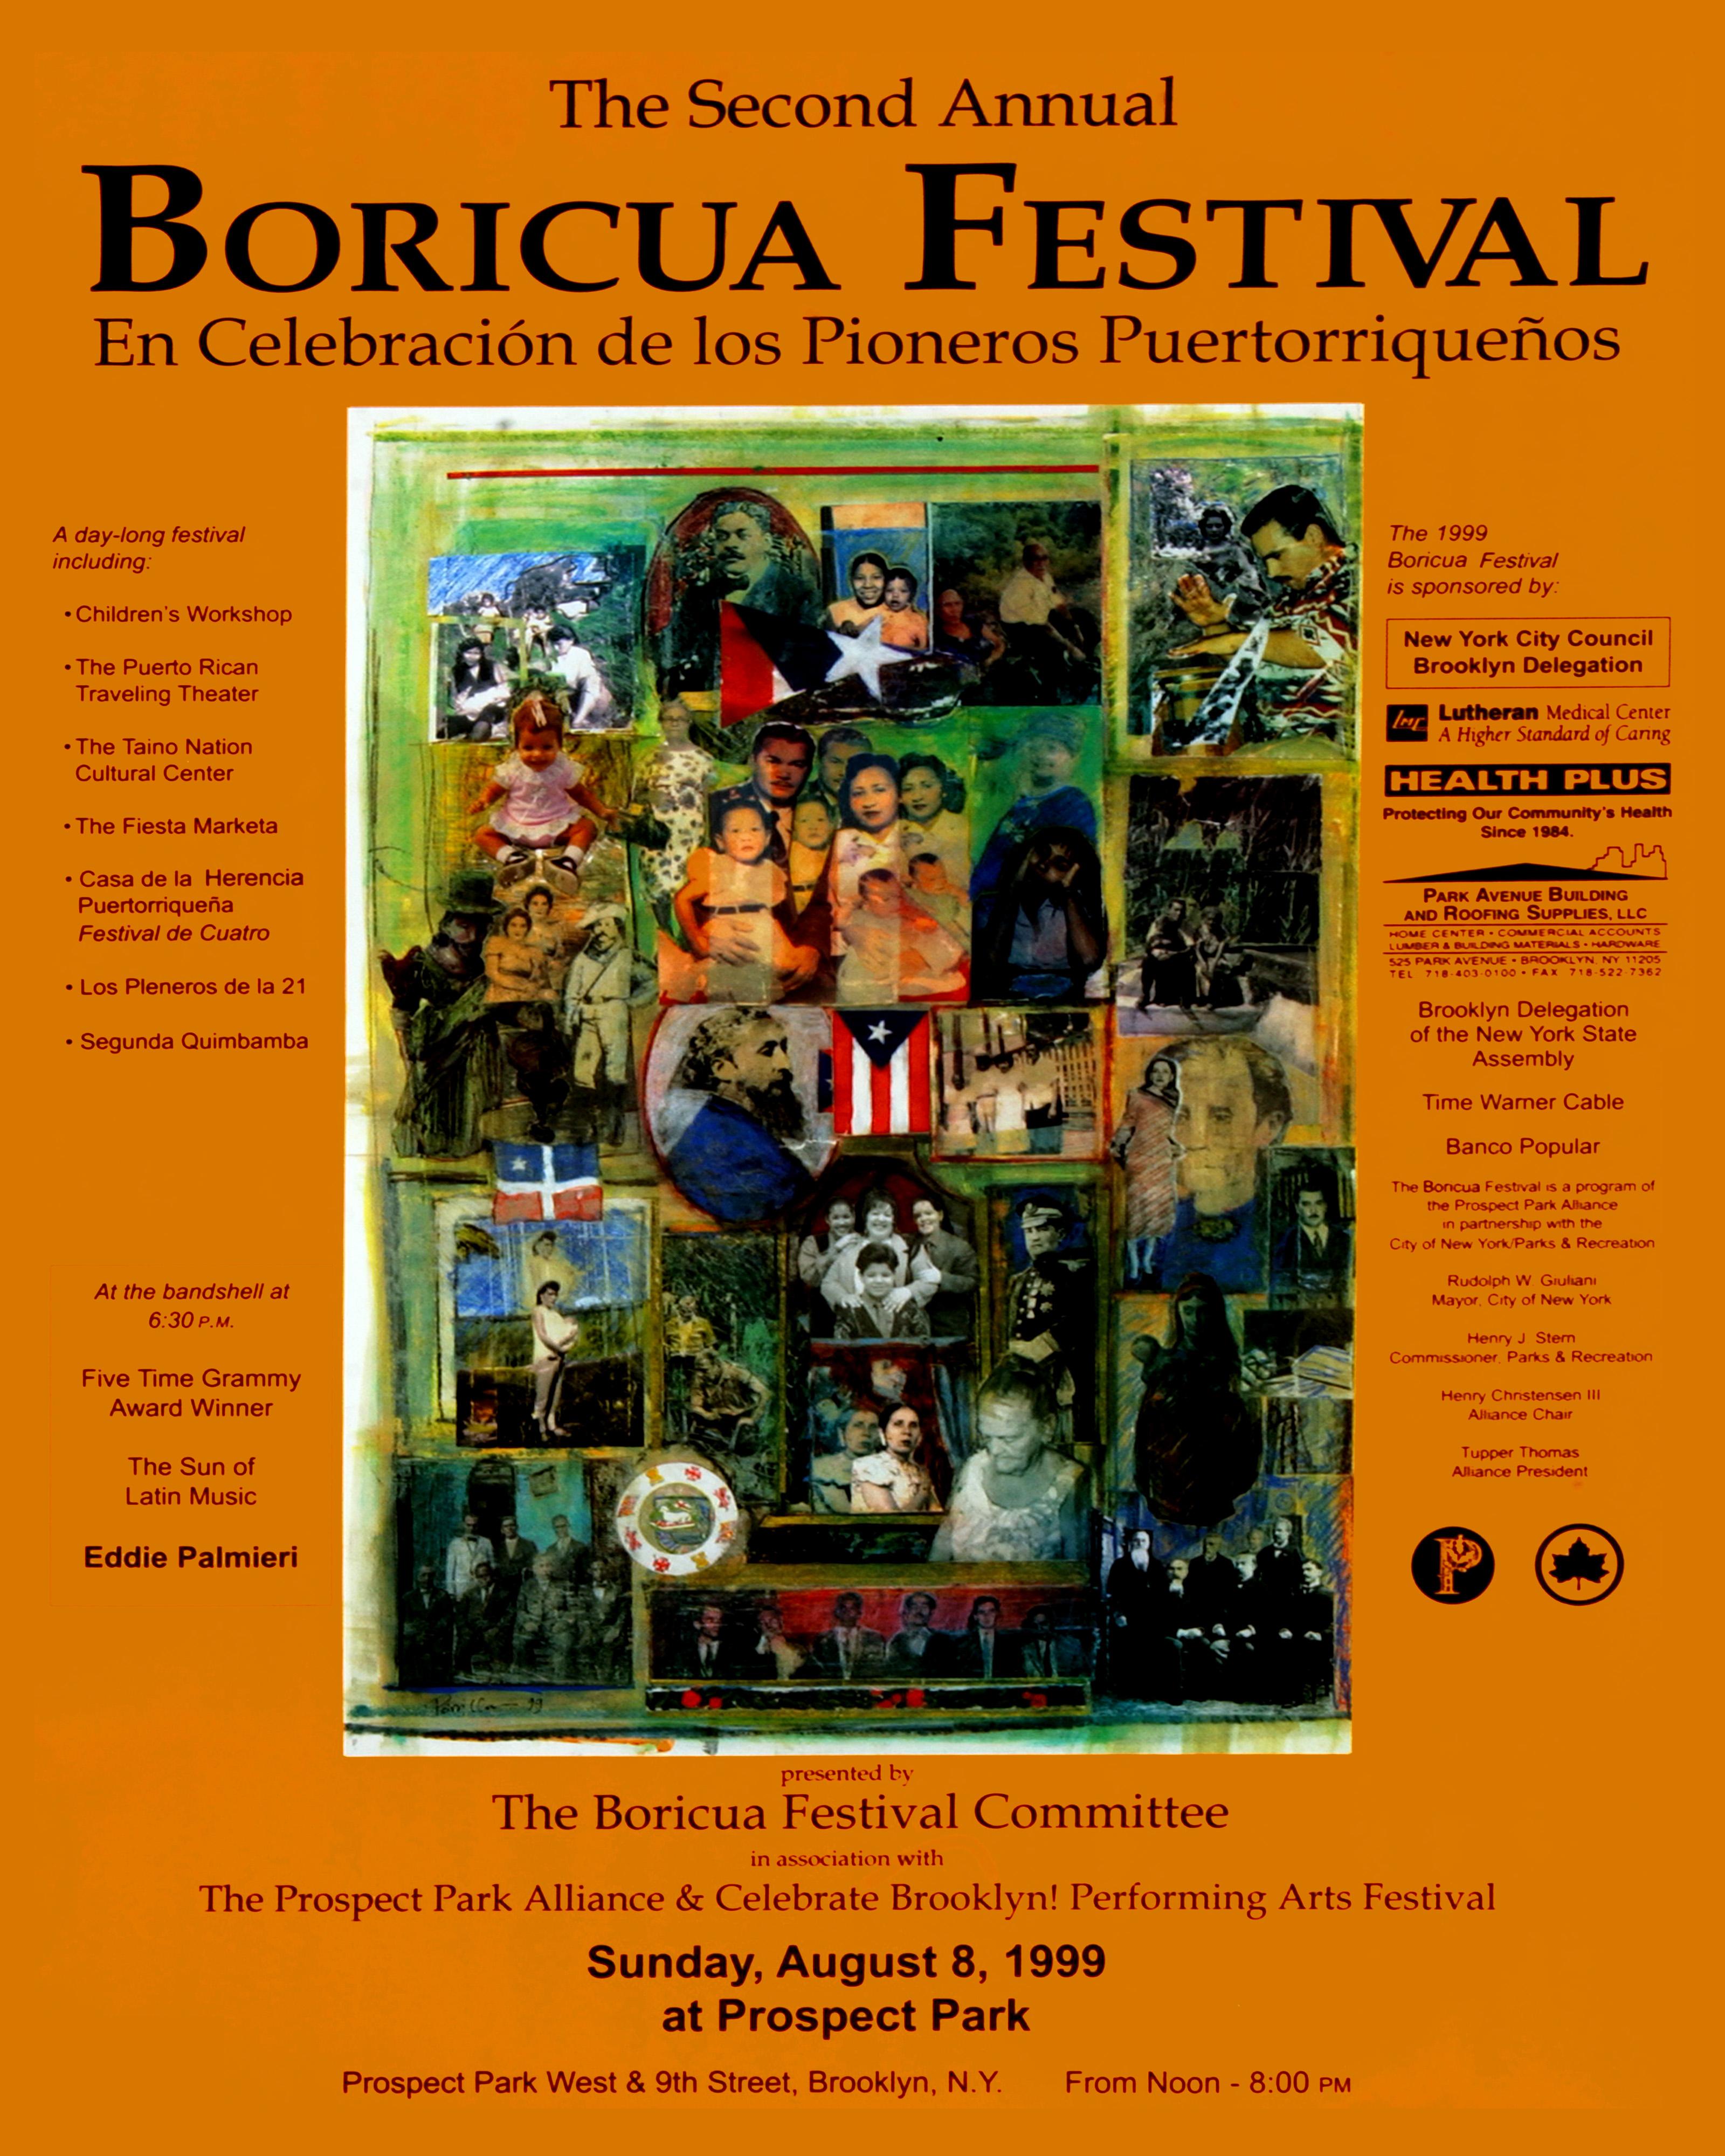 Boricua Festival 1999 Poster